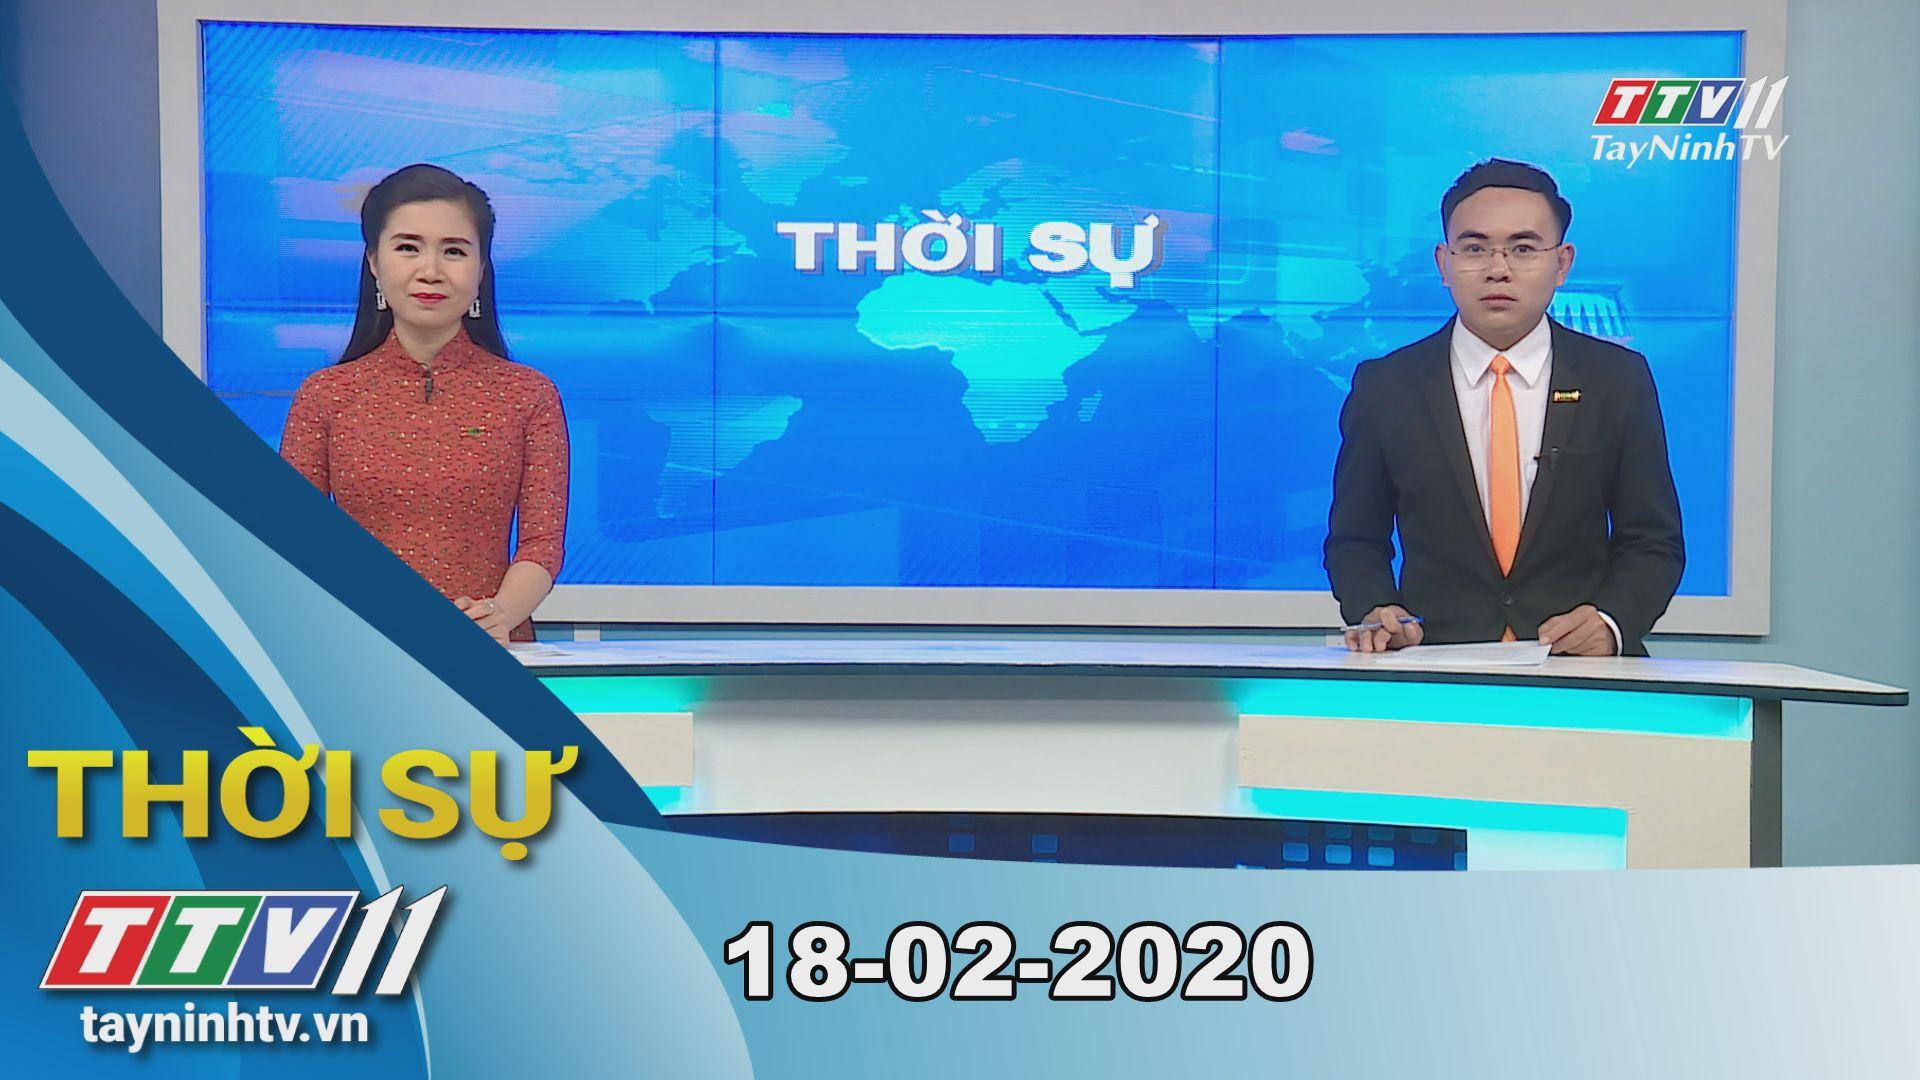 Thời sự Tây Ninh 18-02-2020 | Tin tức hôm nay | TayNinhTV